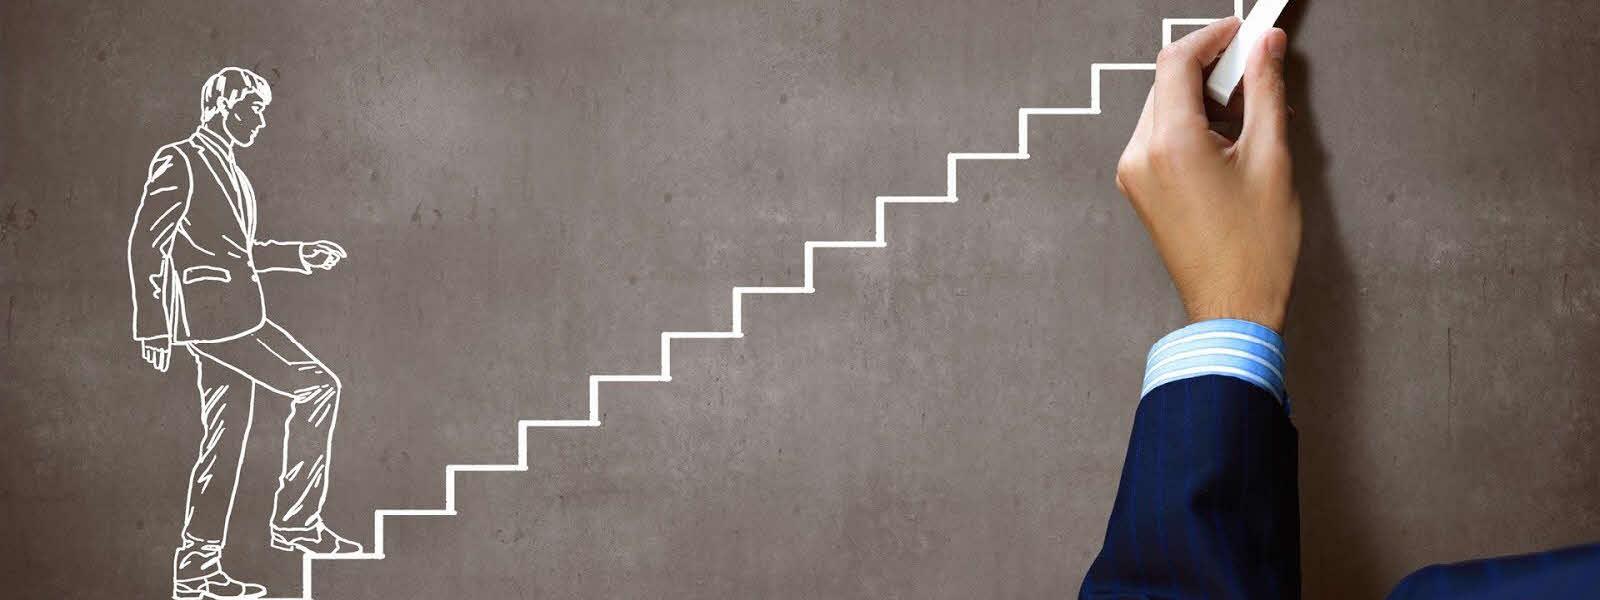 5 Key Characteristics of a Successful Deal Registration Program